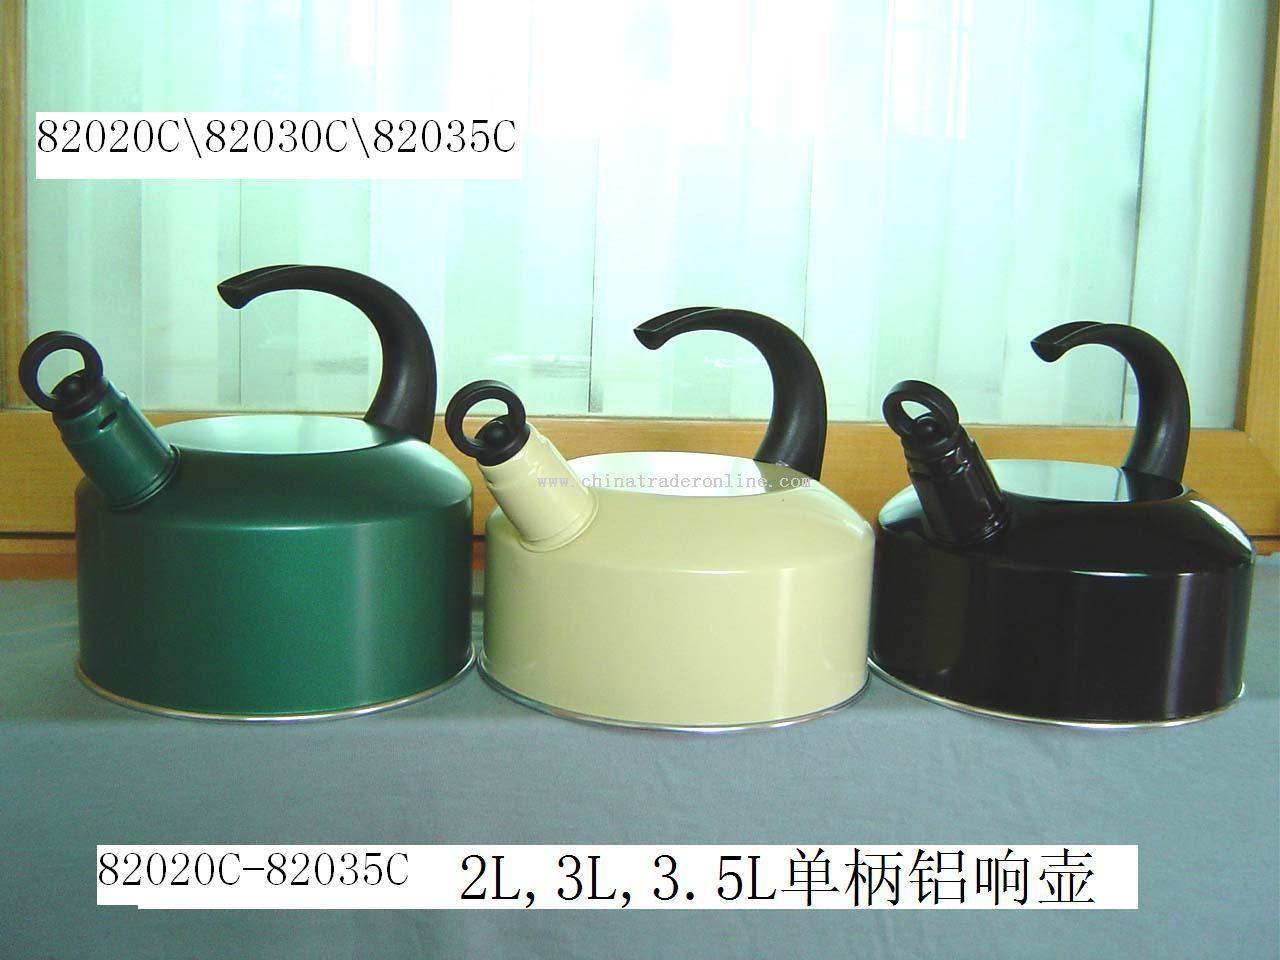 Aluminium kettle from China